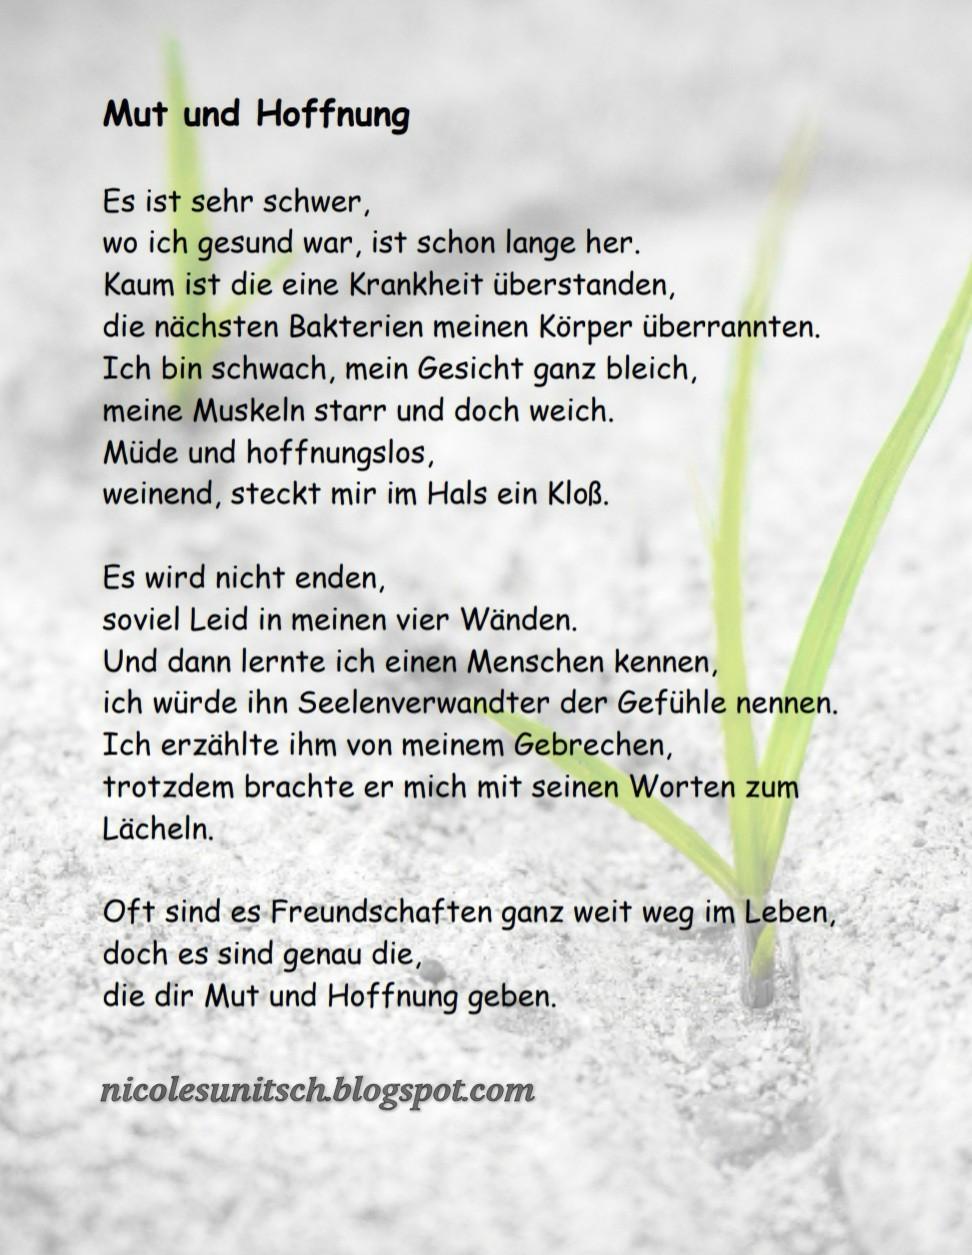 Gedichte Von Nicole Sunitsch Autorin Mut Und Hoffnung